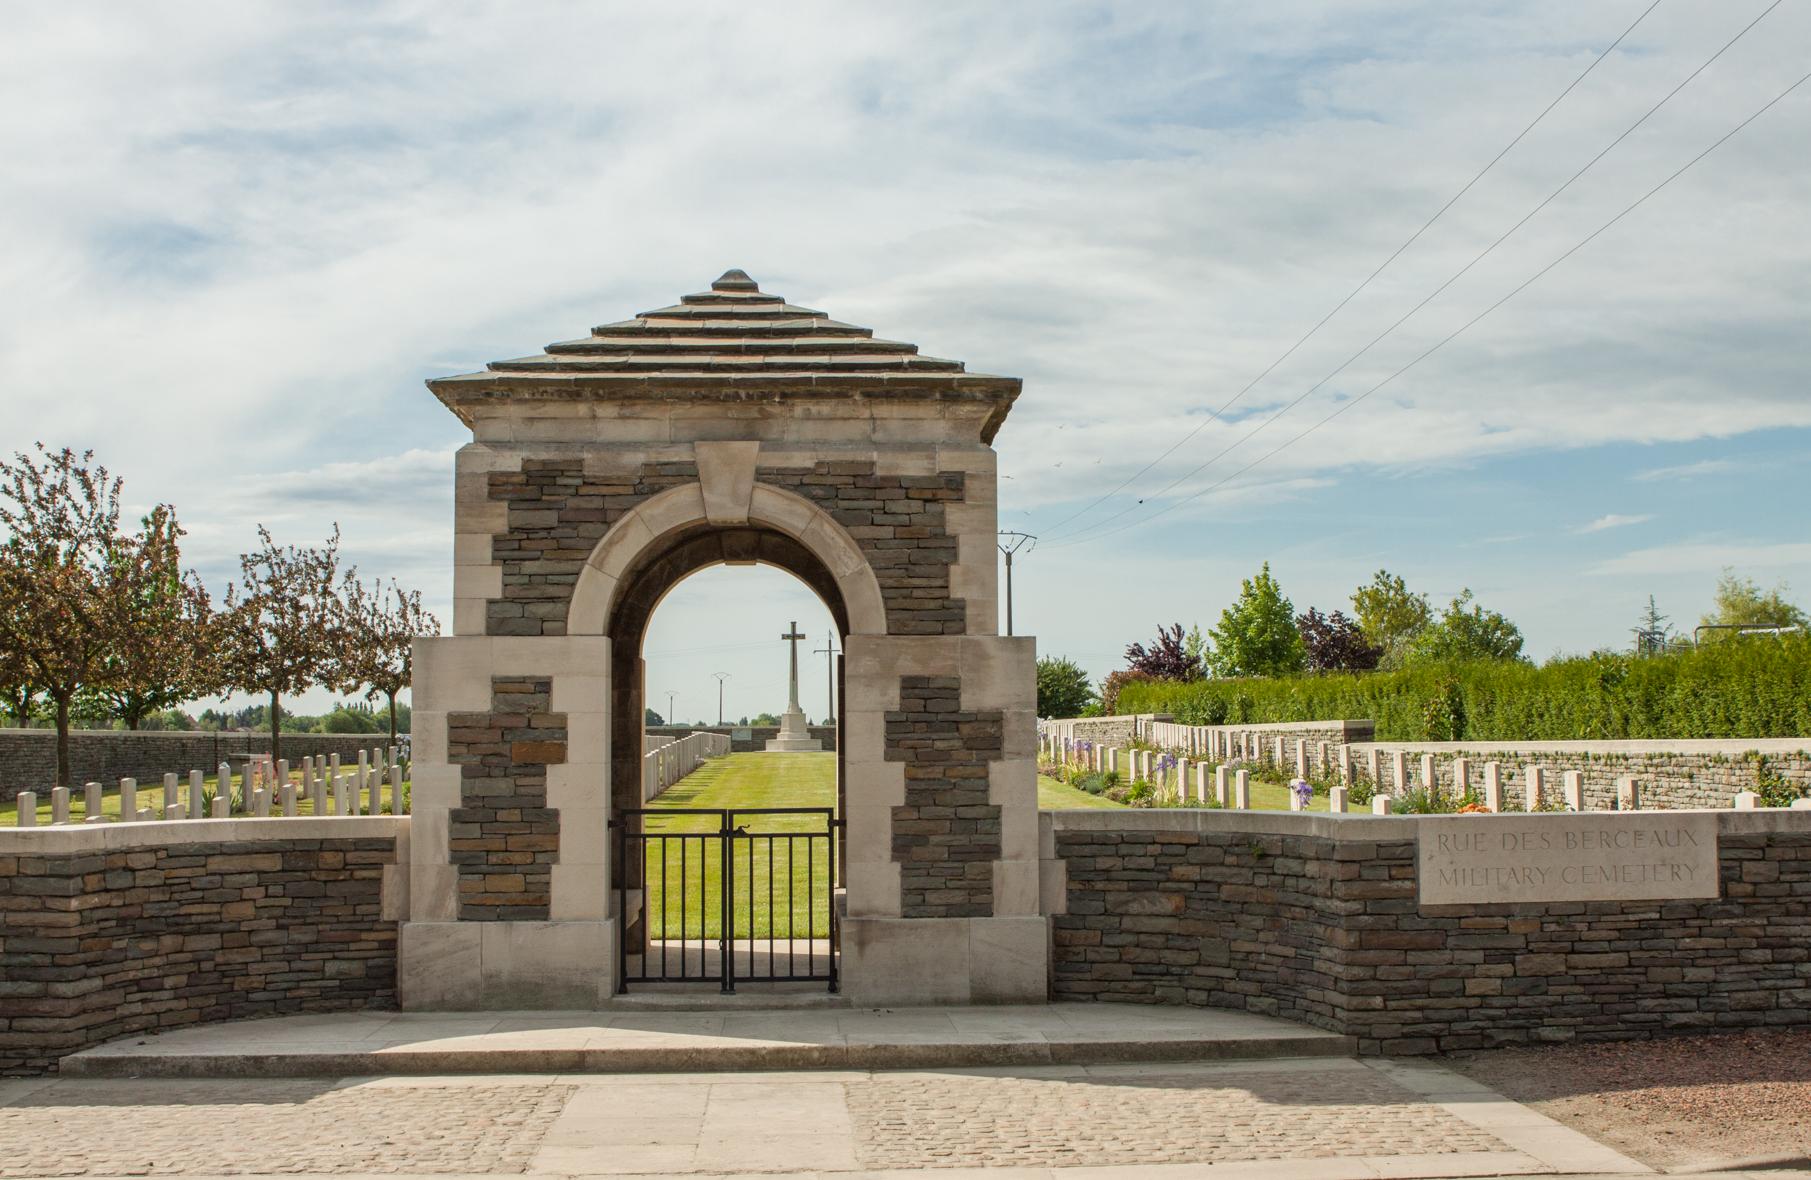 rue-des-berceaux_military_cemetery_richebourg-lavoue_1